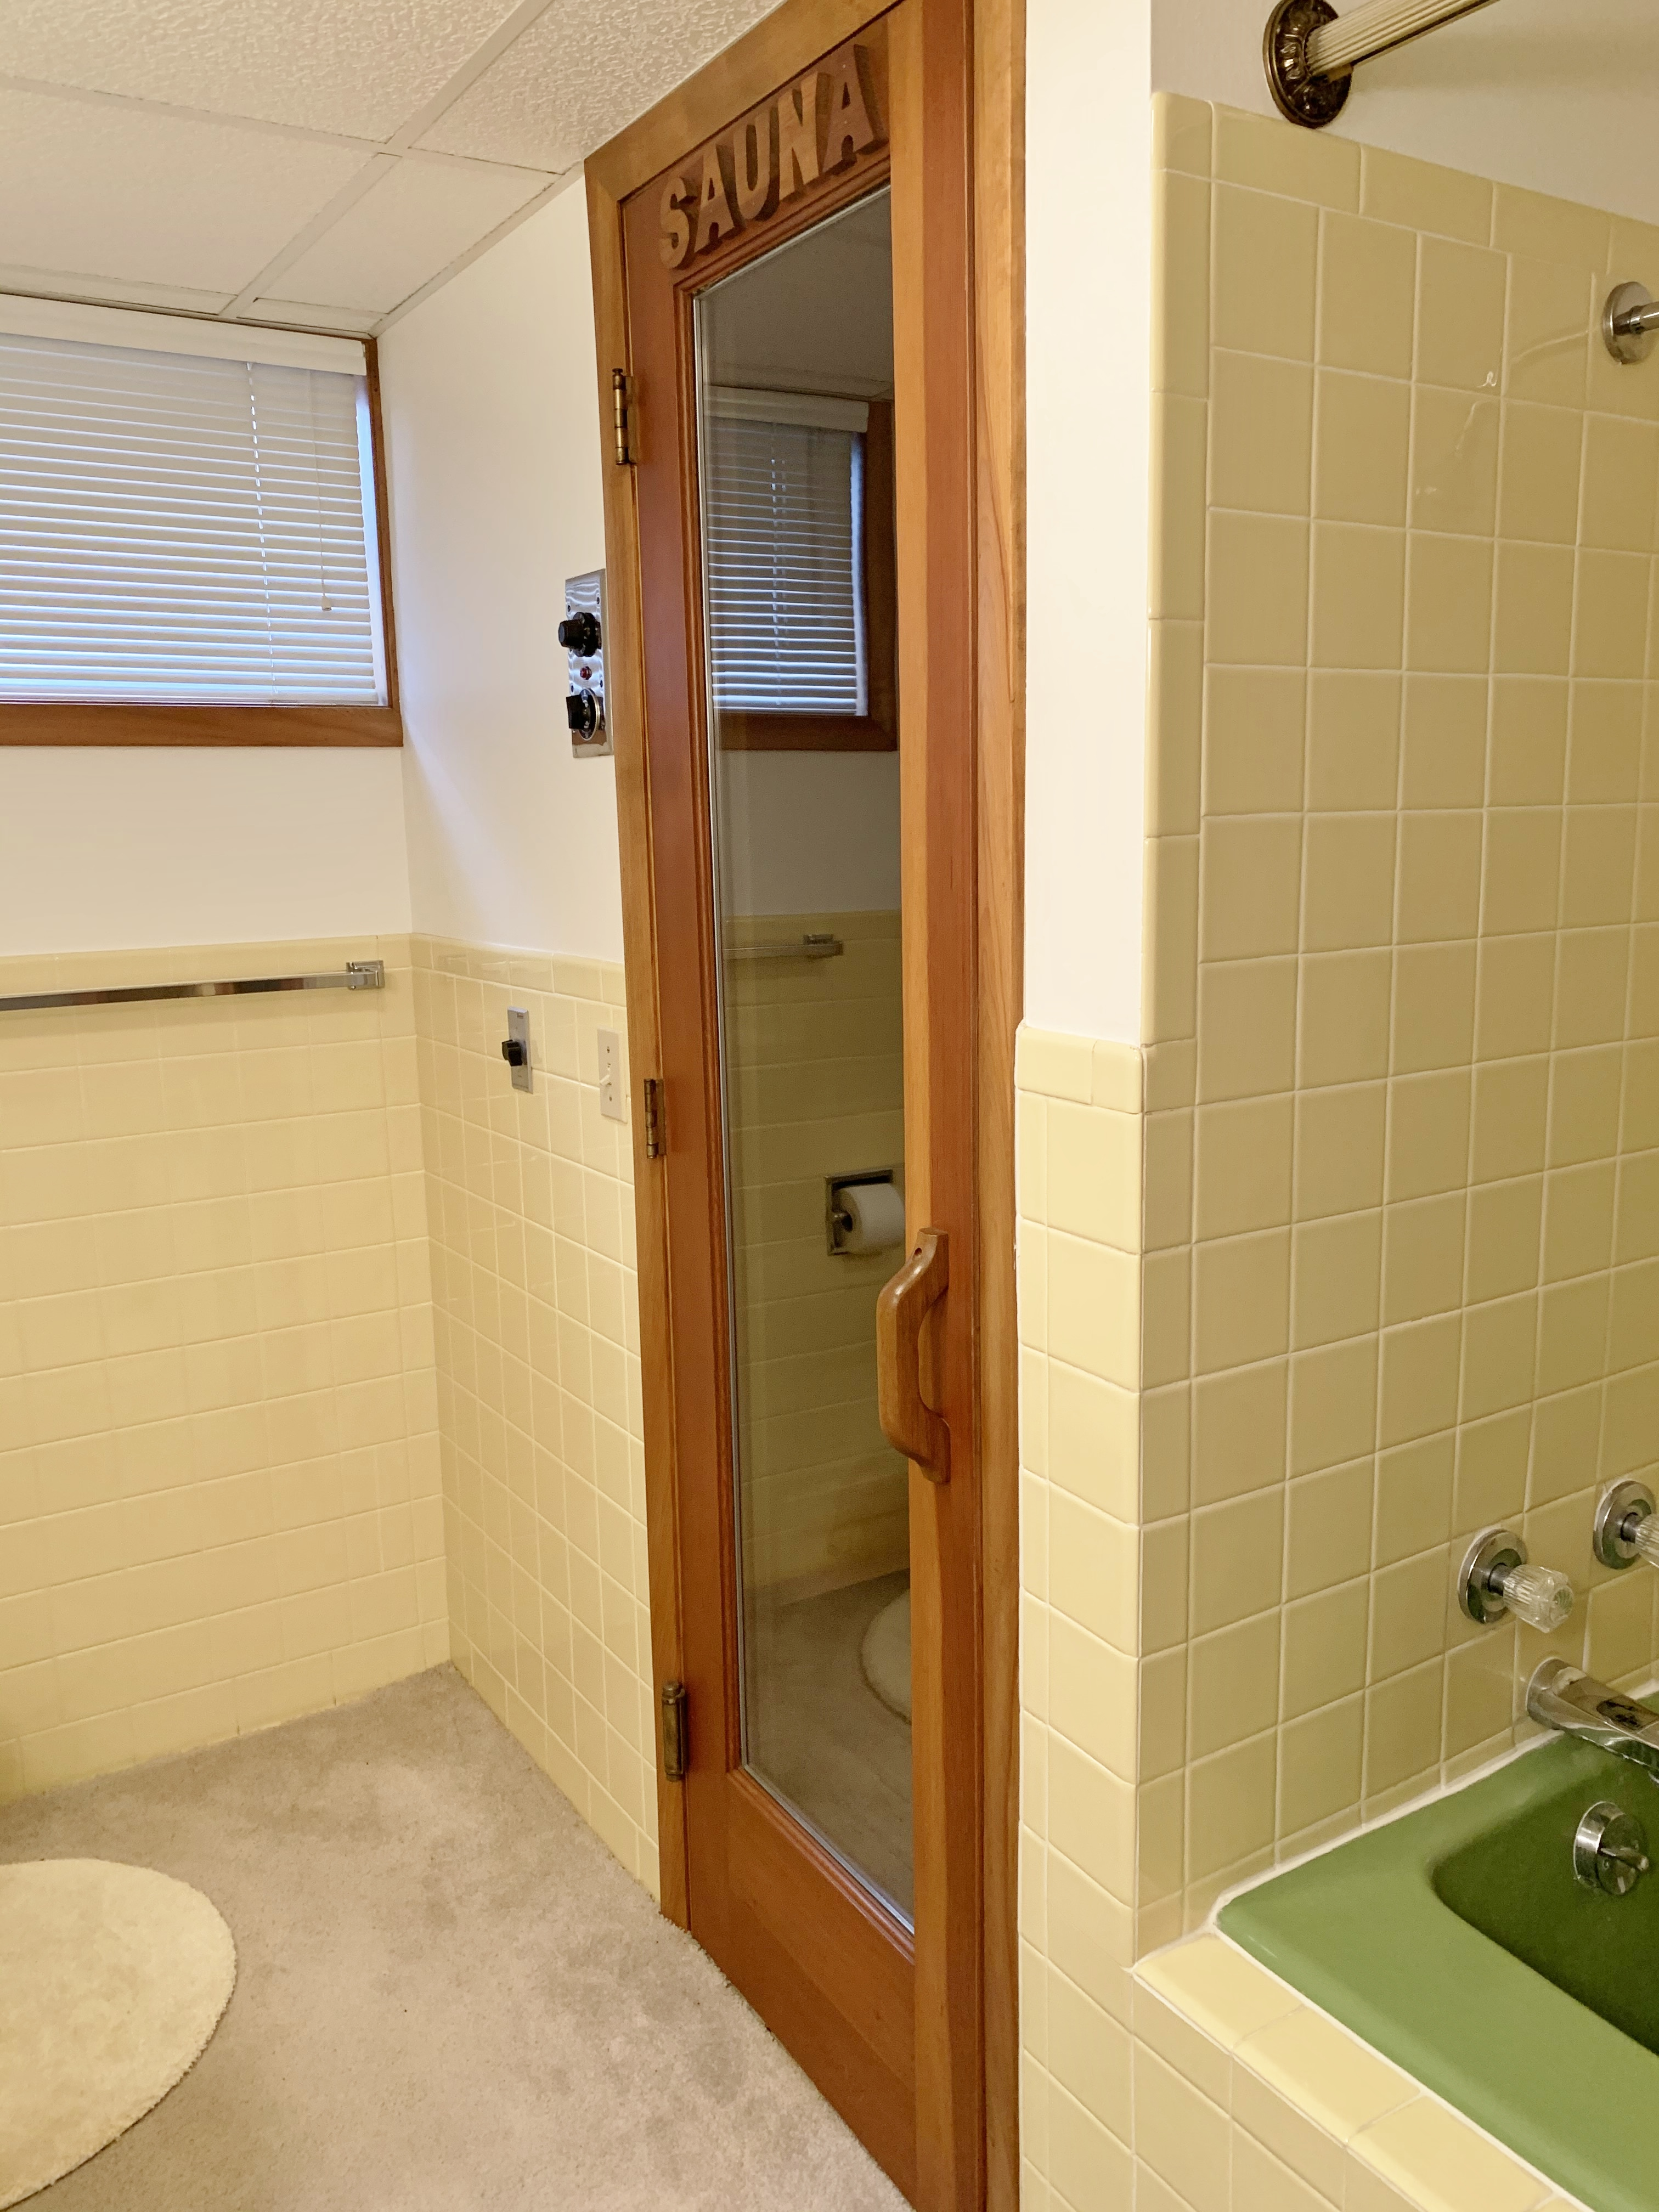 Basement bath with Sauna